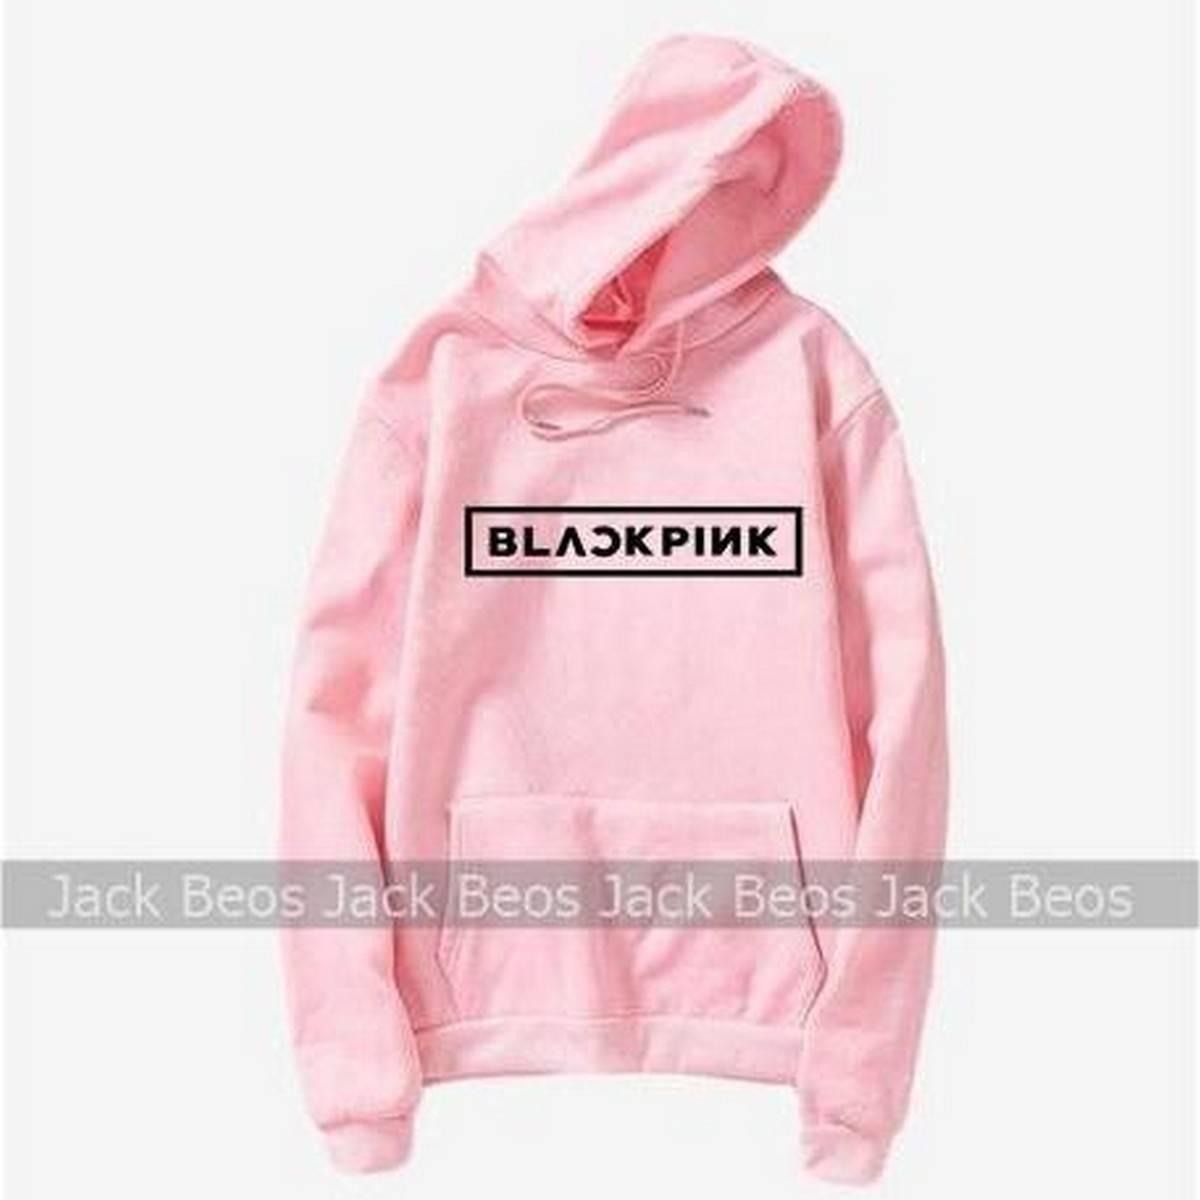 Blackpink Pink Fleece Hoodie For Women Limited Stock  - 11102019